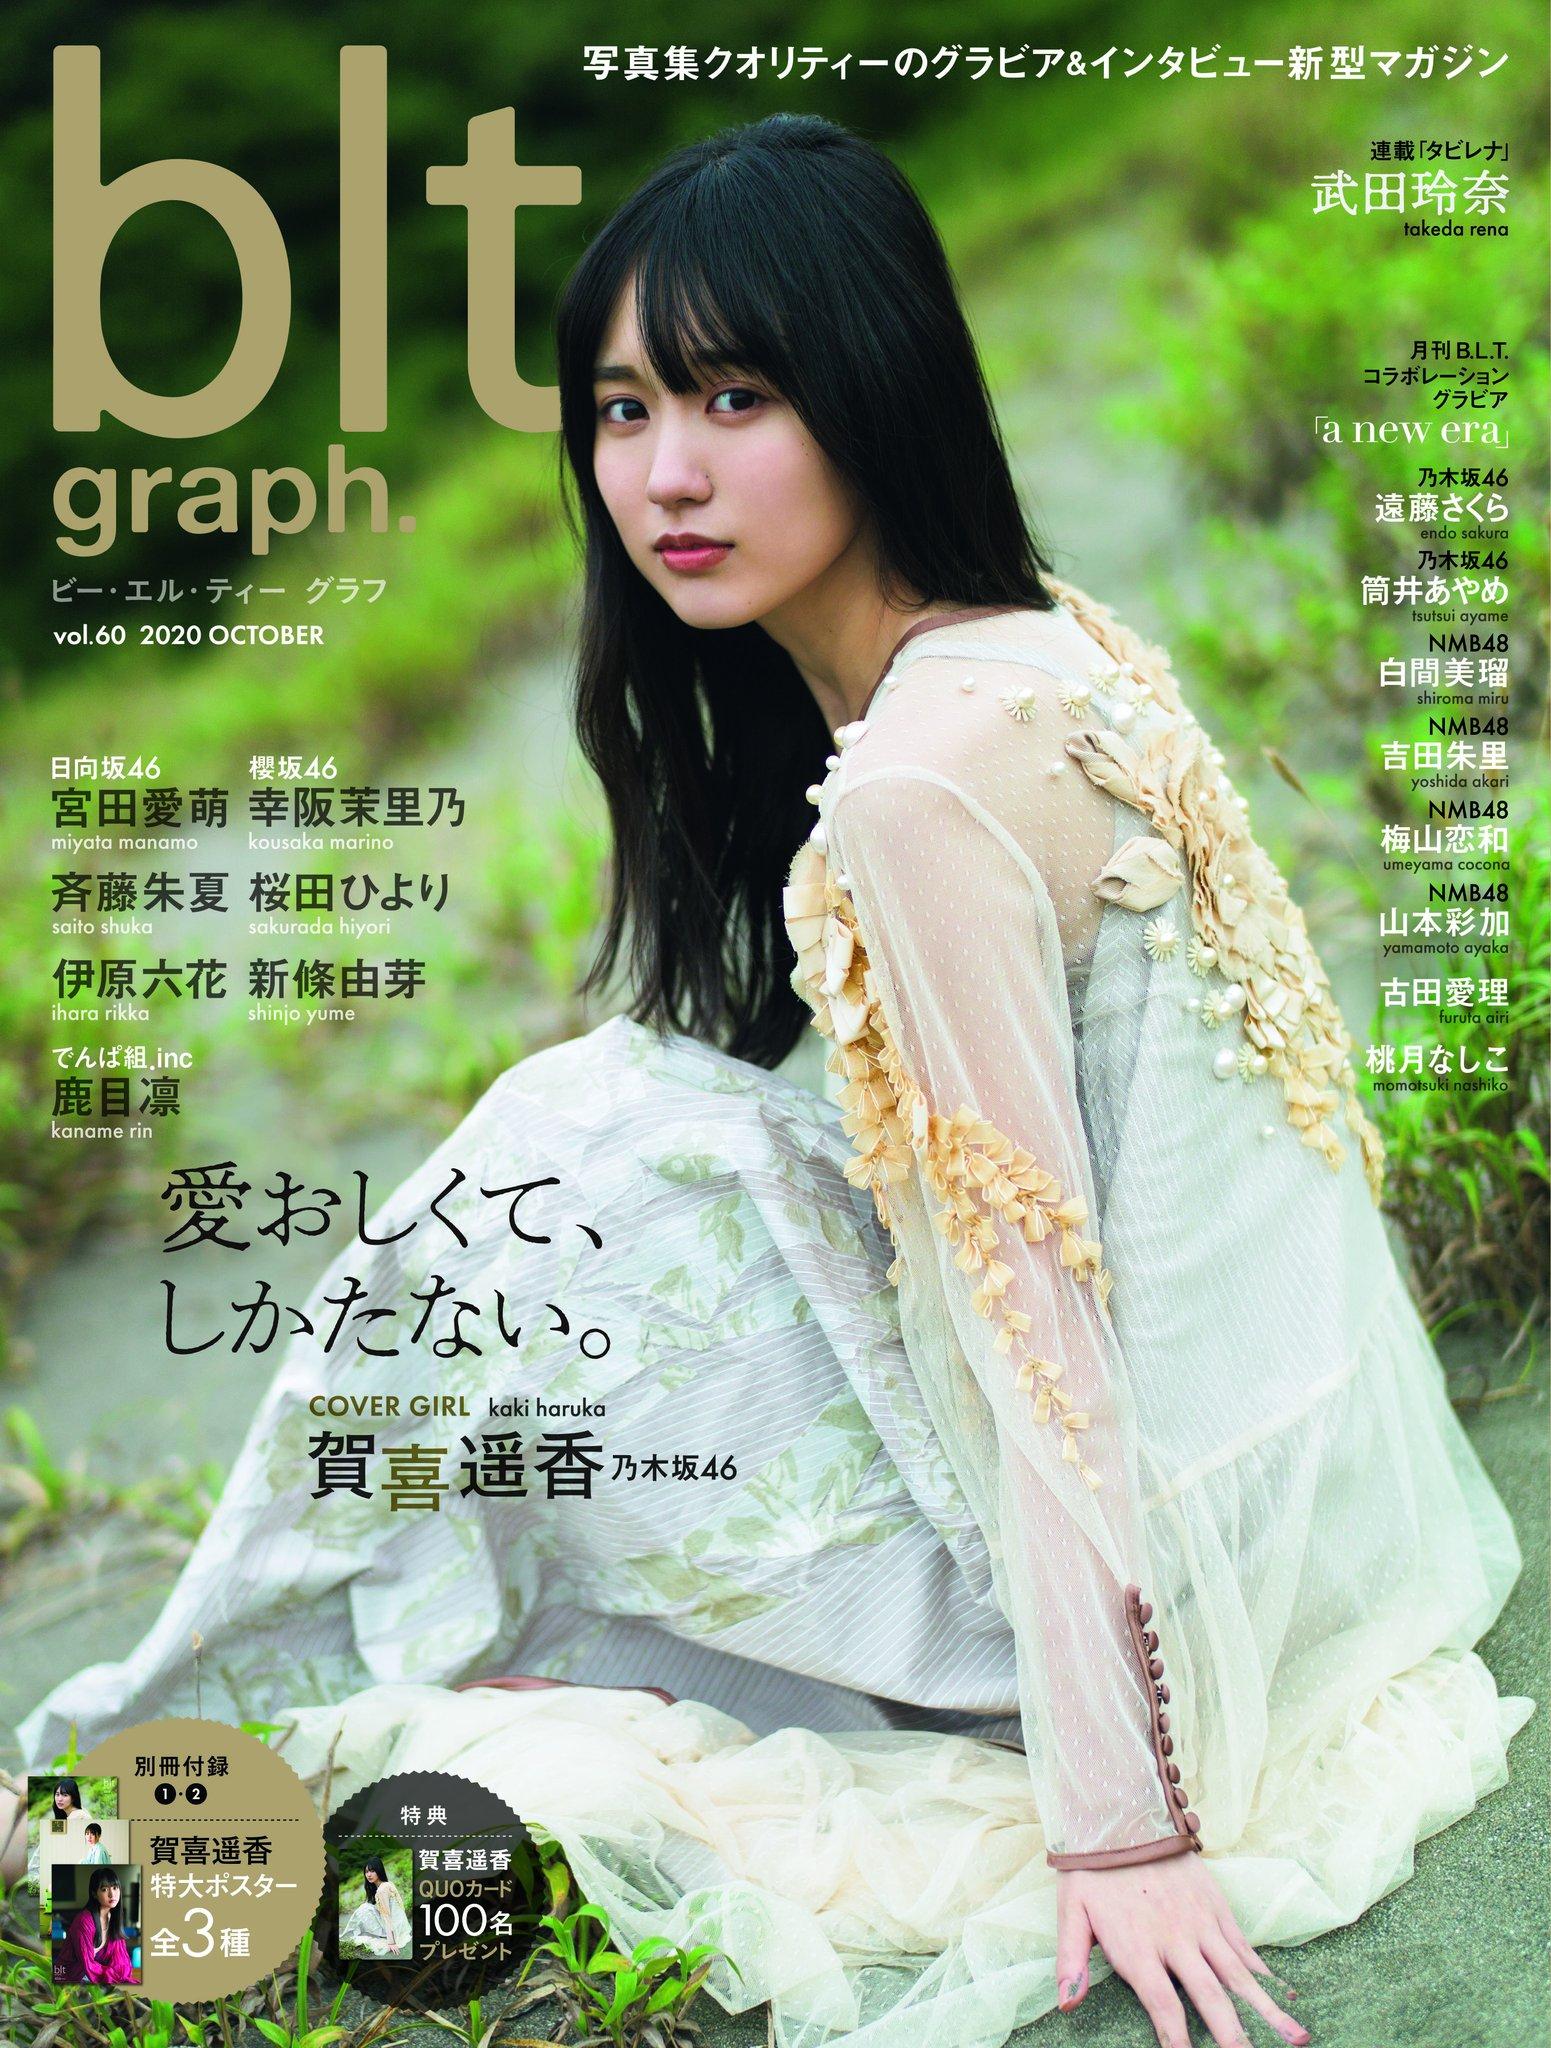 賀喜遥香 blt graph. vol.60 表紙